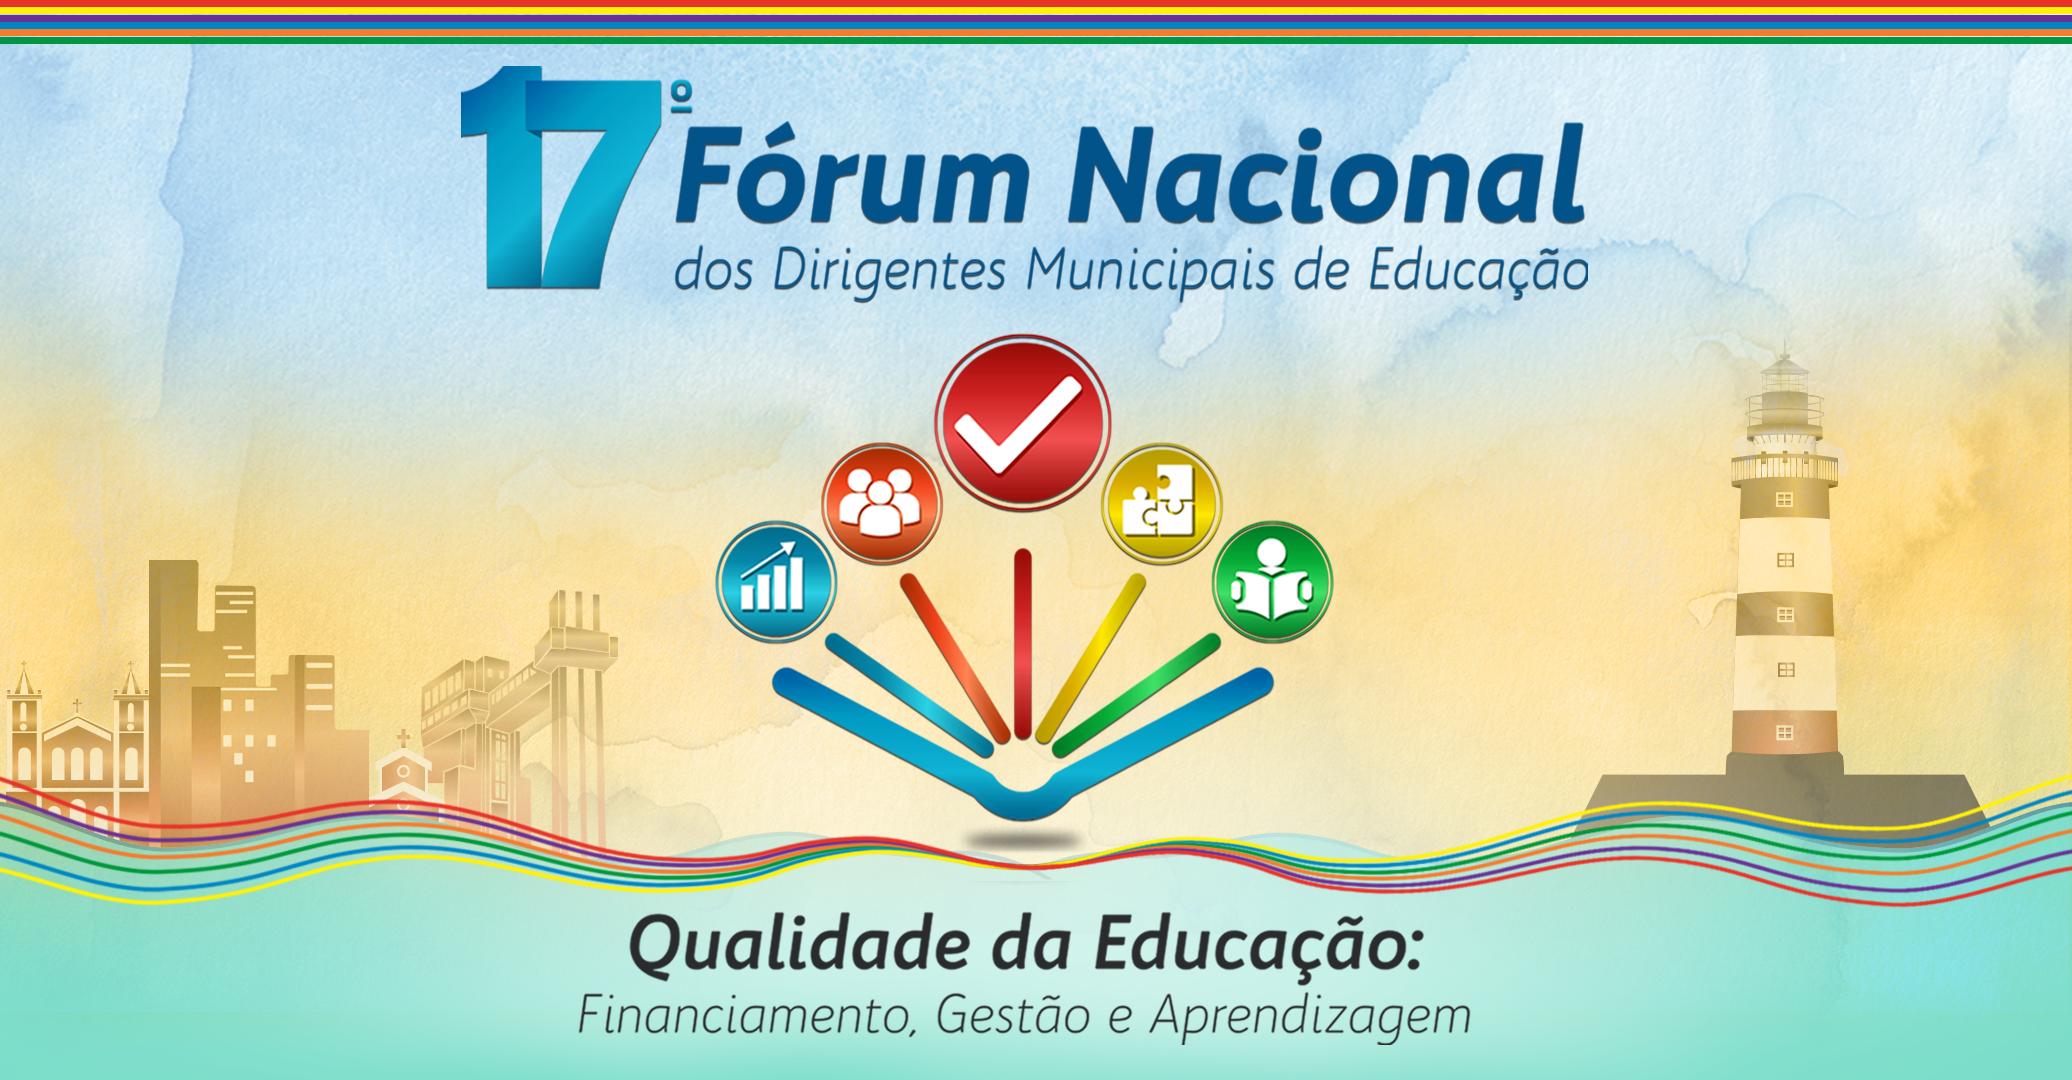 Undime divulga carta do 17º Fórum Nacional dos Dirigentes Municipais de Educação